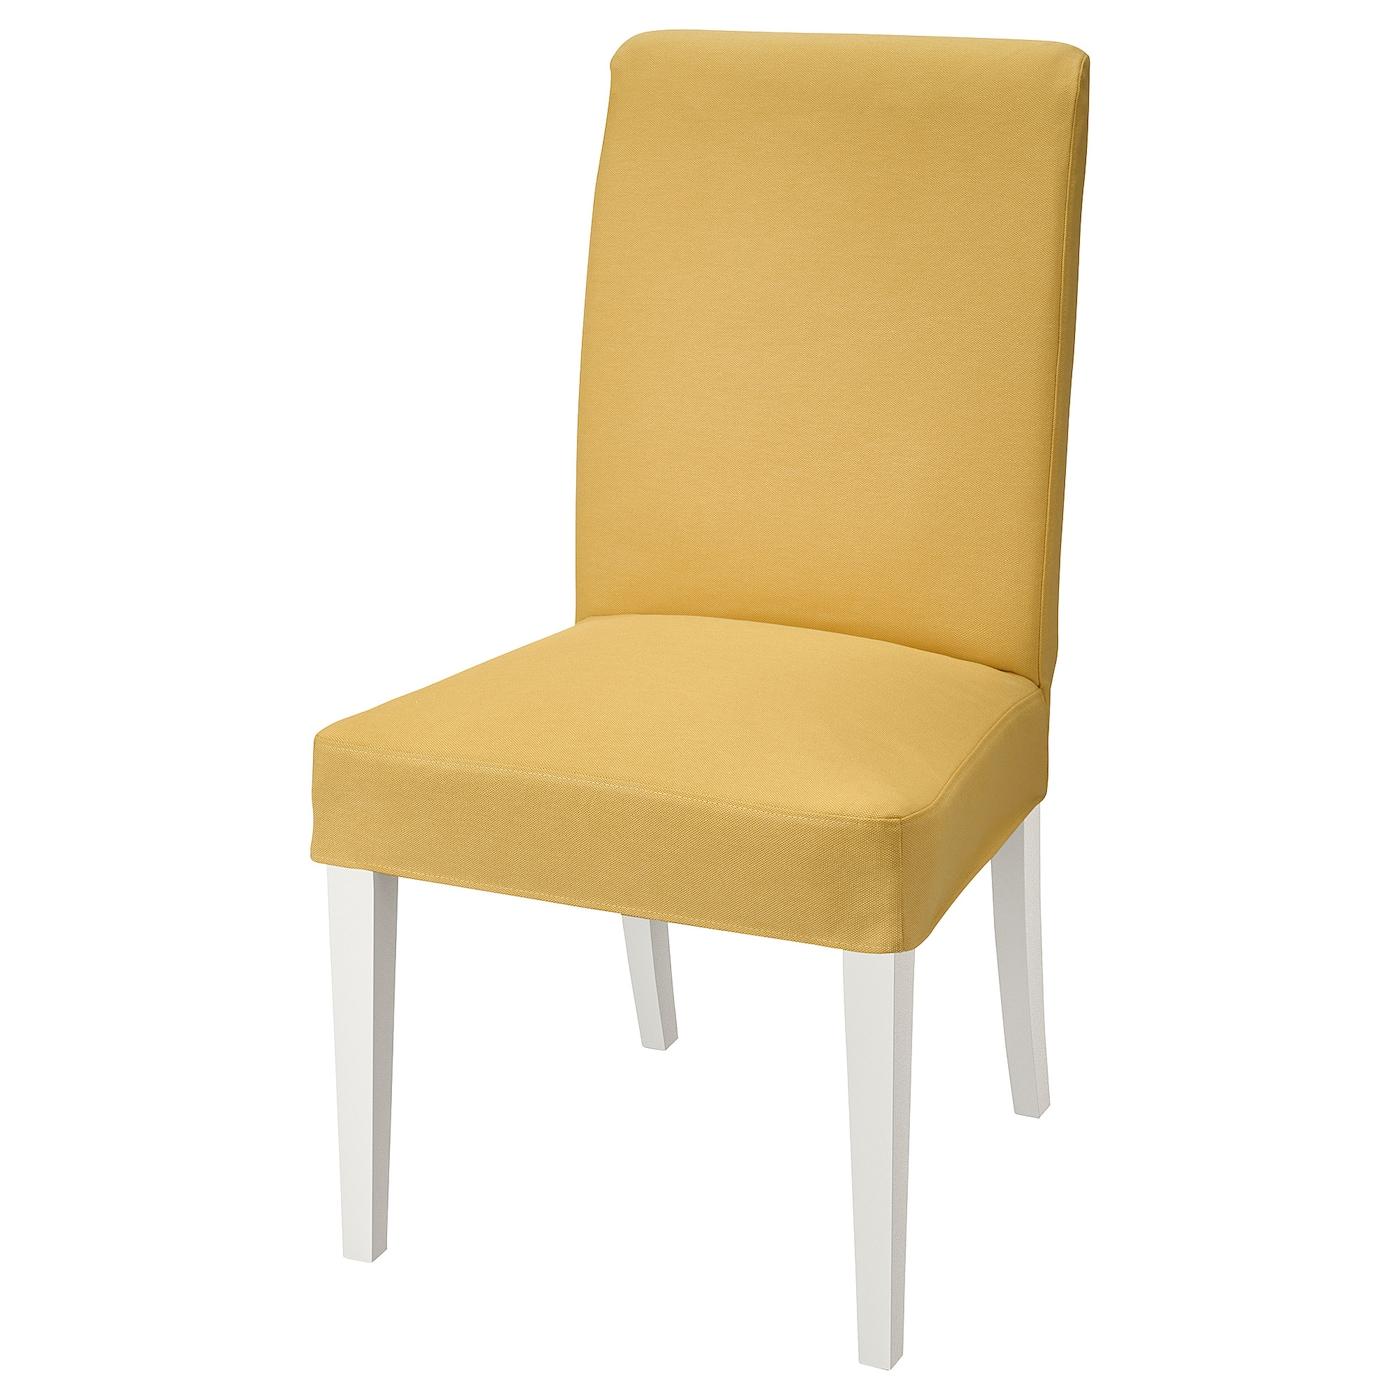 IKEA HENRIKSDAL Krzesło, biały, Orrsta złotożółty